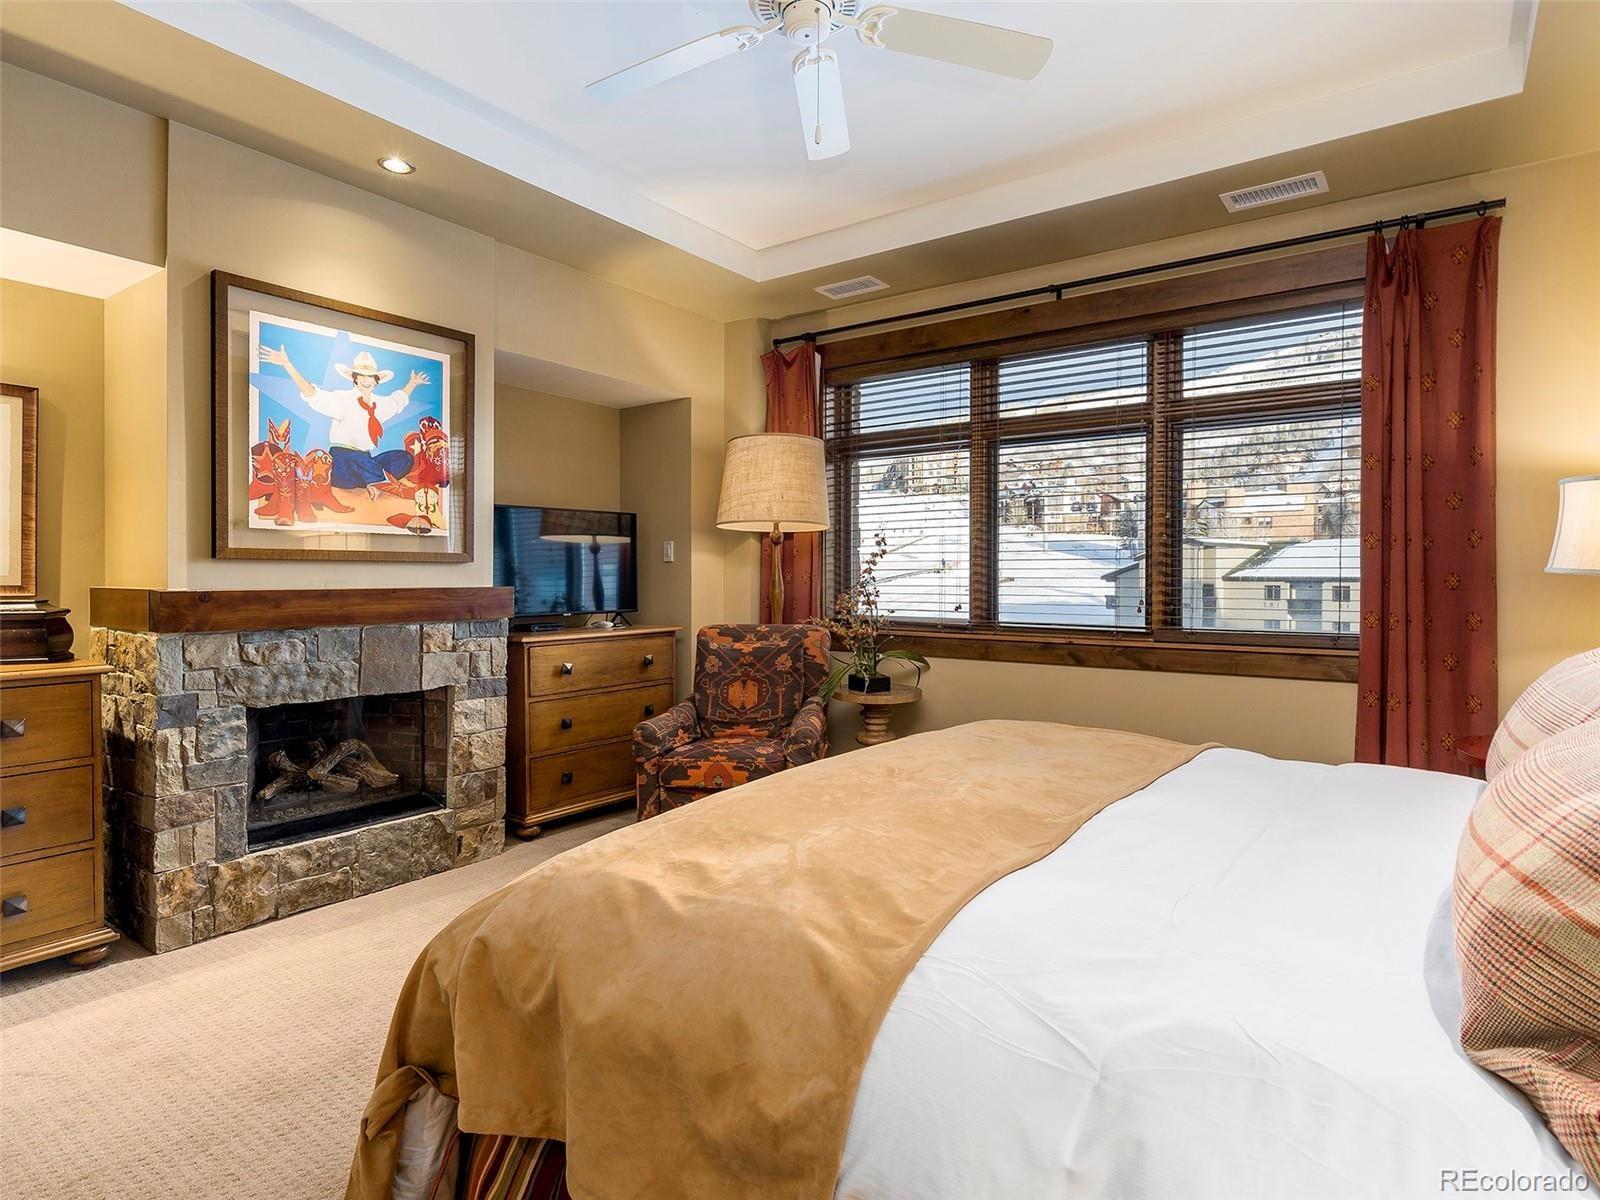 MLS# 7230921 - 25 - 2250 Apres Ski Way #403-II, Steamboat Springs, CO 80487